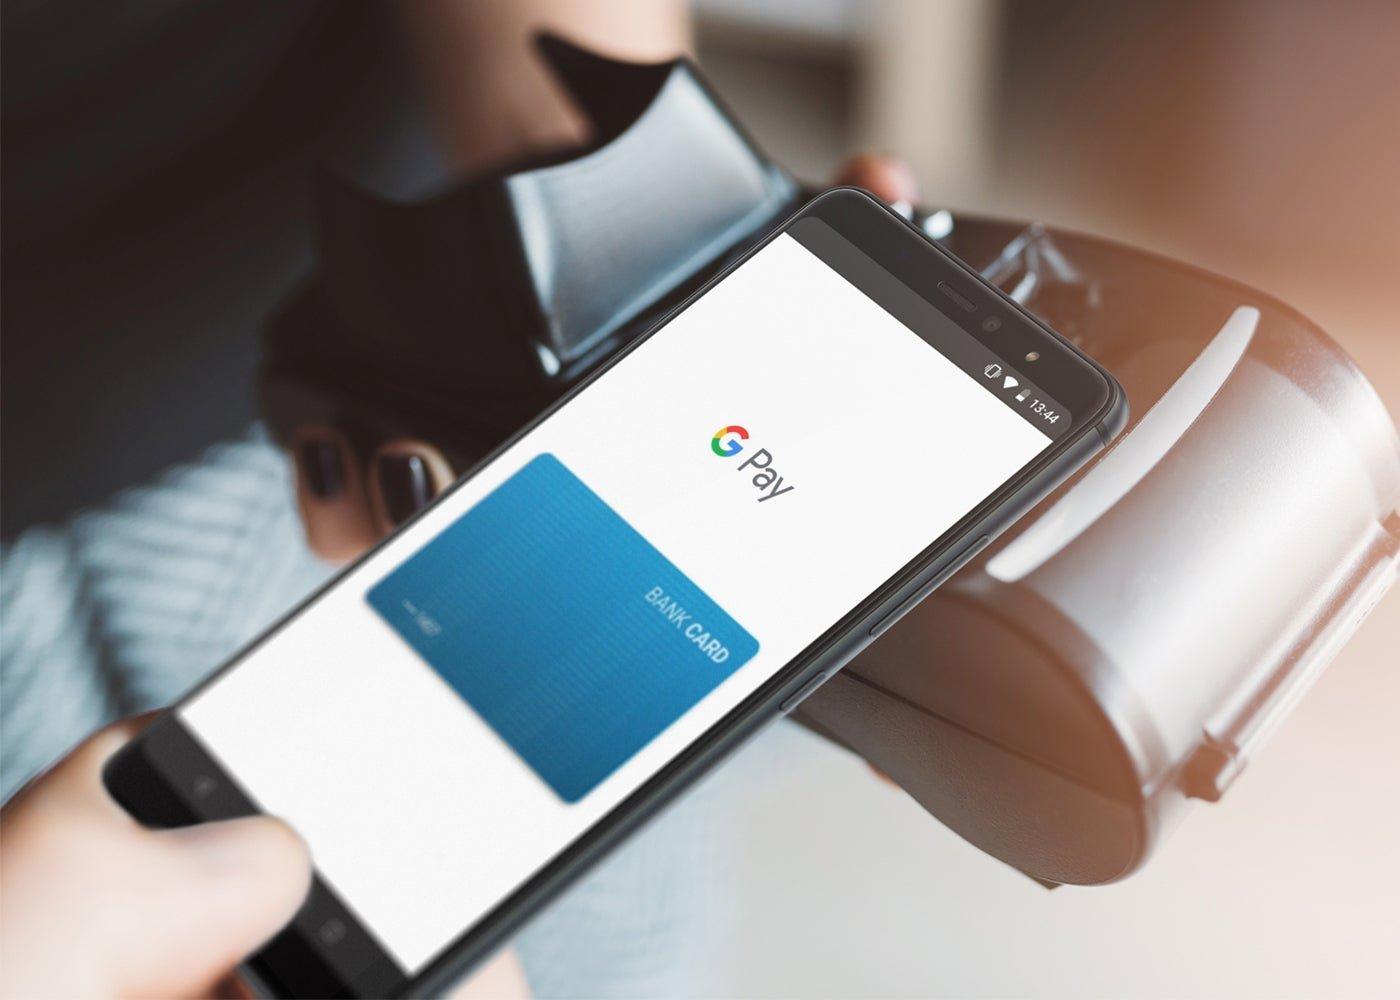 Paiements mobiles : comment payer avec votre mobile